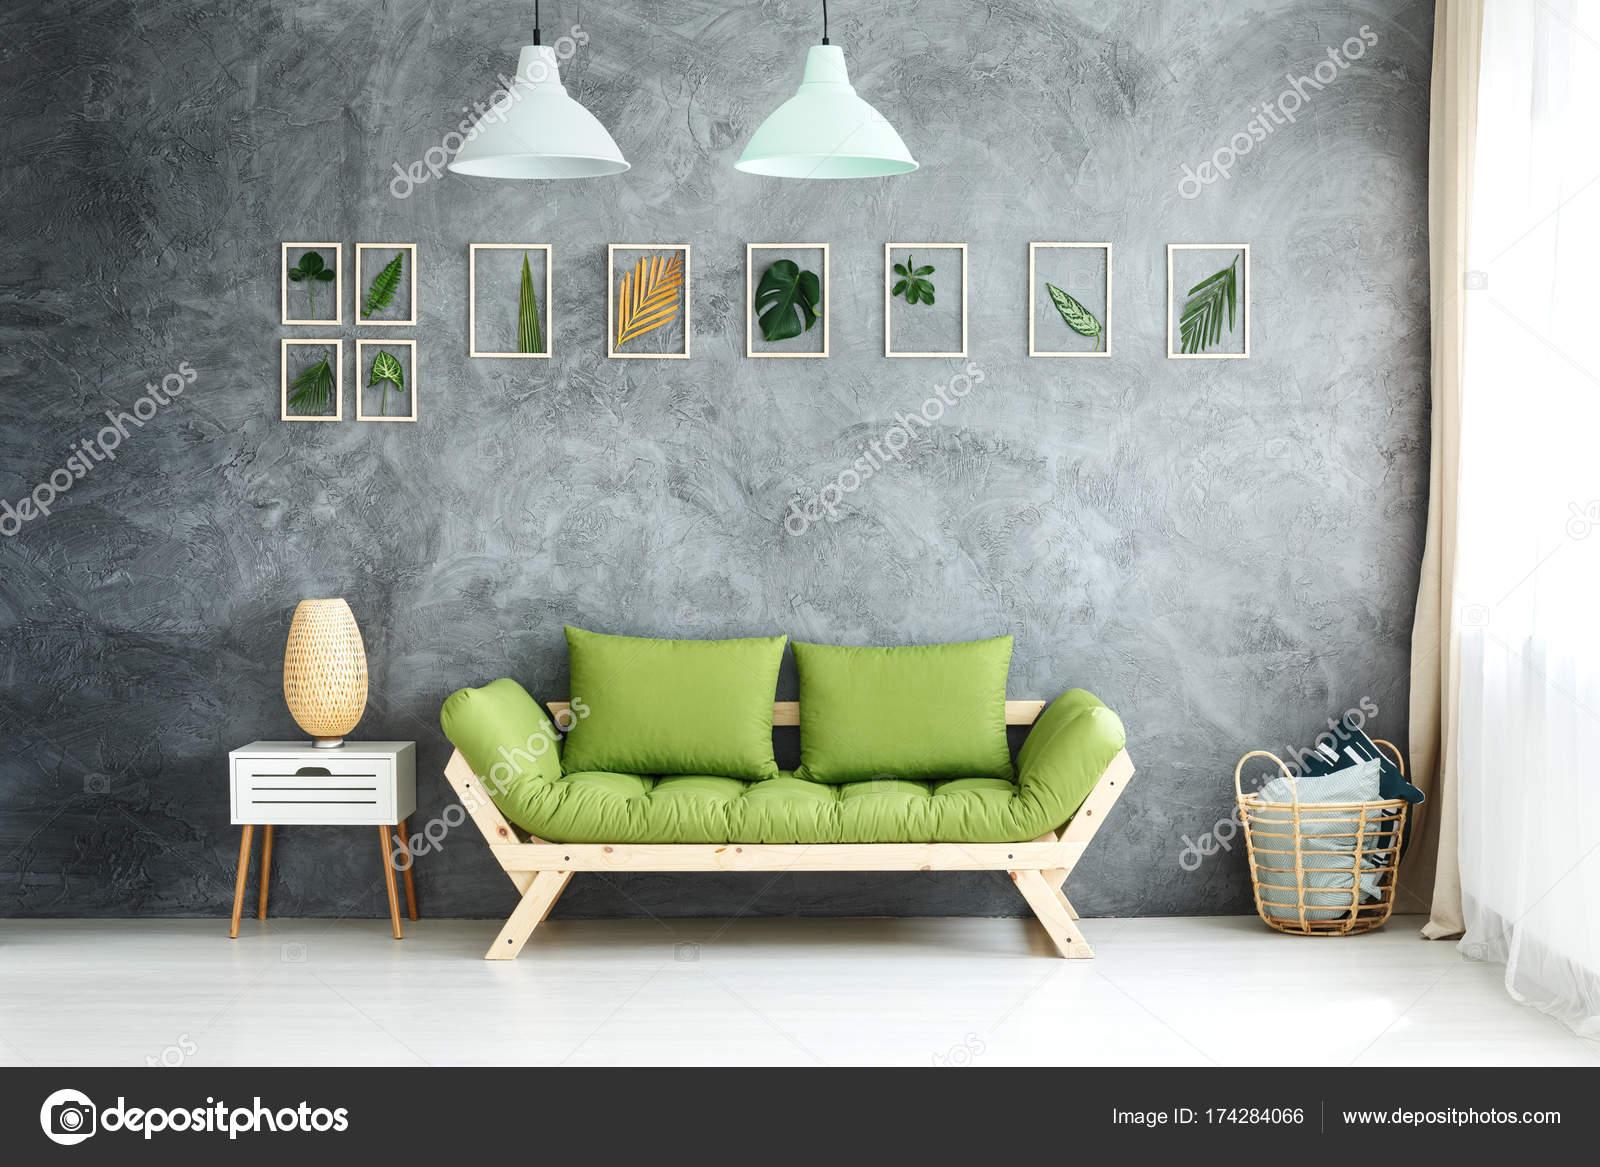 Lámparas de pastel sobre el sofá verde — Foto de stock ...